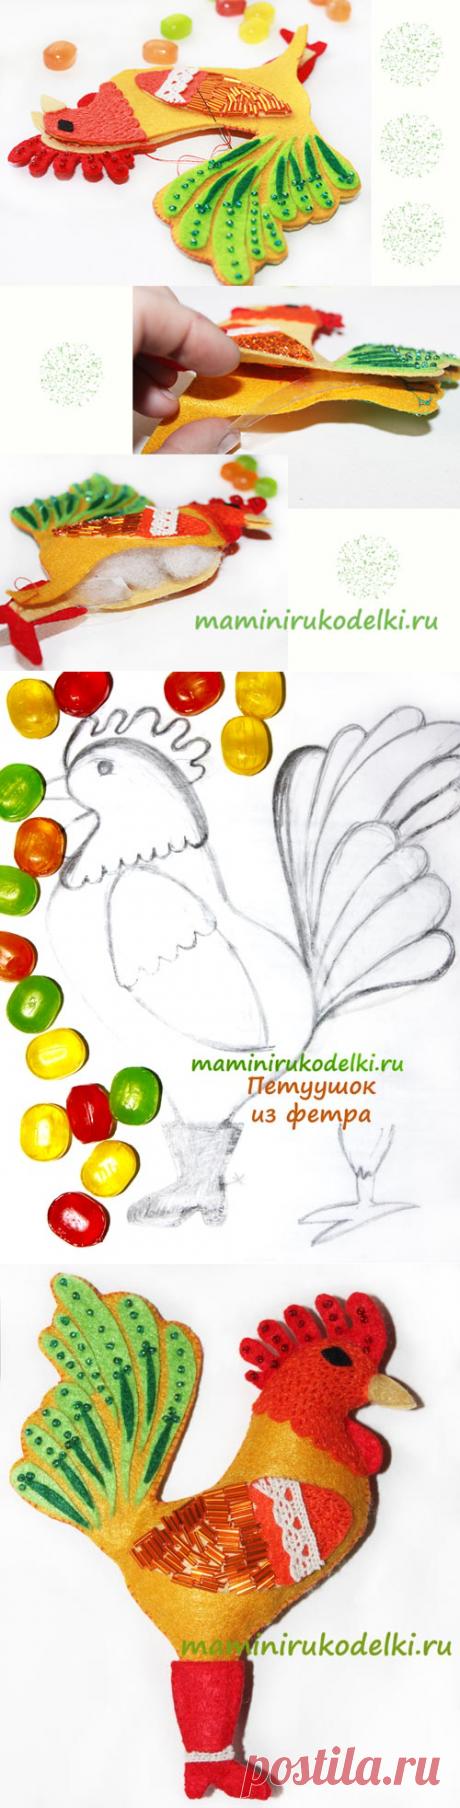 Cockerel from felt the hands - | Maminyrukodelki...... Mom'sCrafts